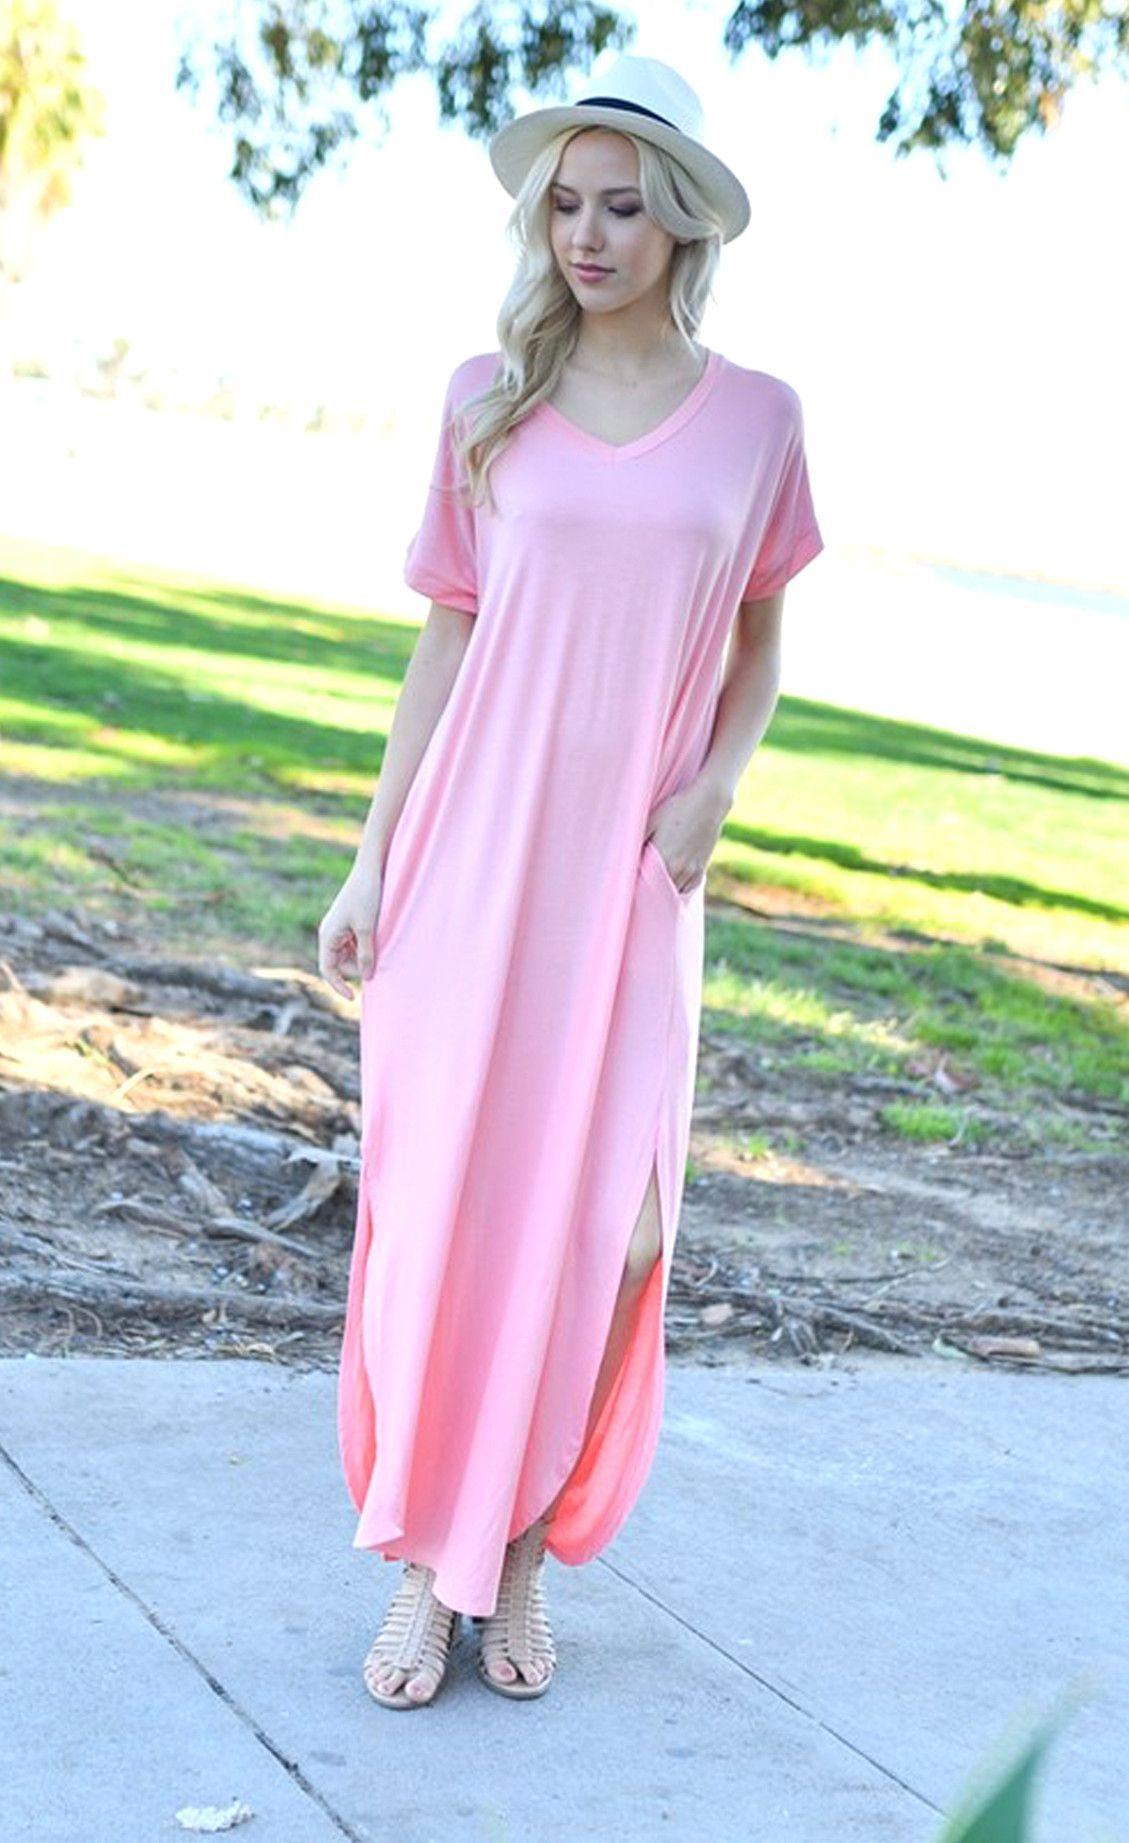 Abigail Blush T Shirt Maxi Dress Maxi Knit Dress Maxi Shirt Dress Maxi Dress With Sleeves [ 1843 x 1129 Pixel ]